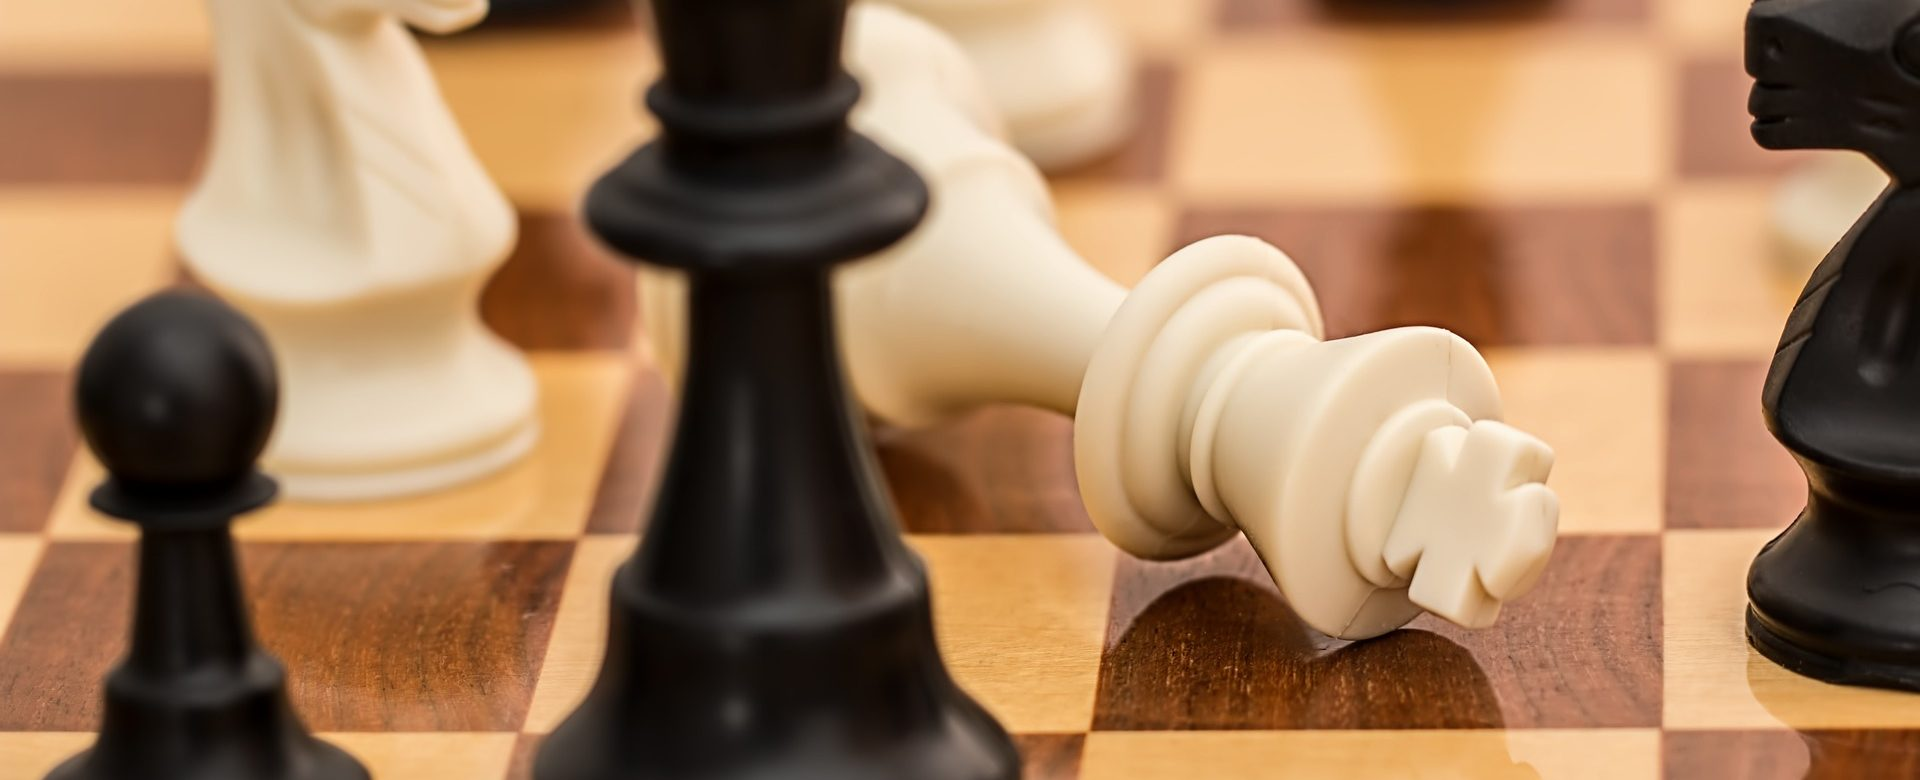 Sportvereinigung Finanz: Schach